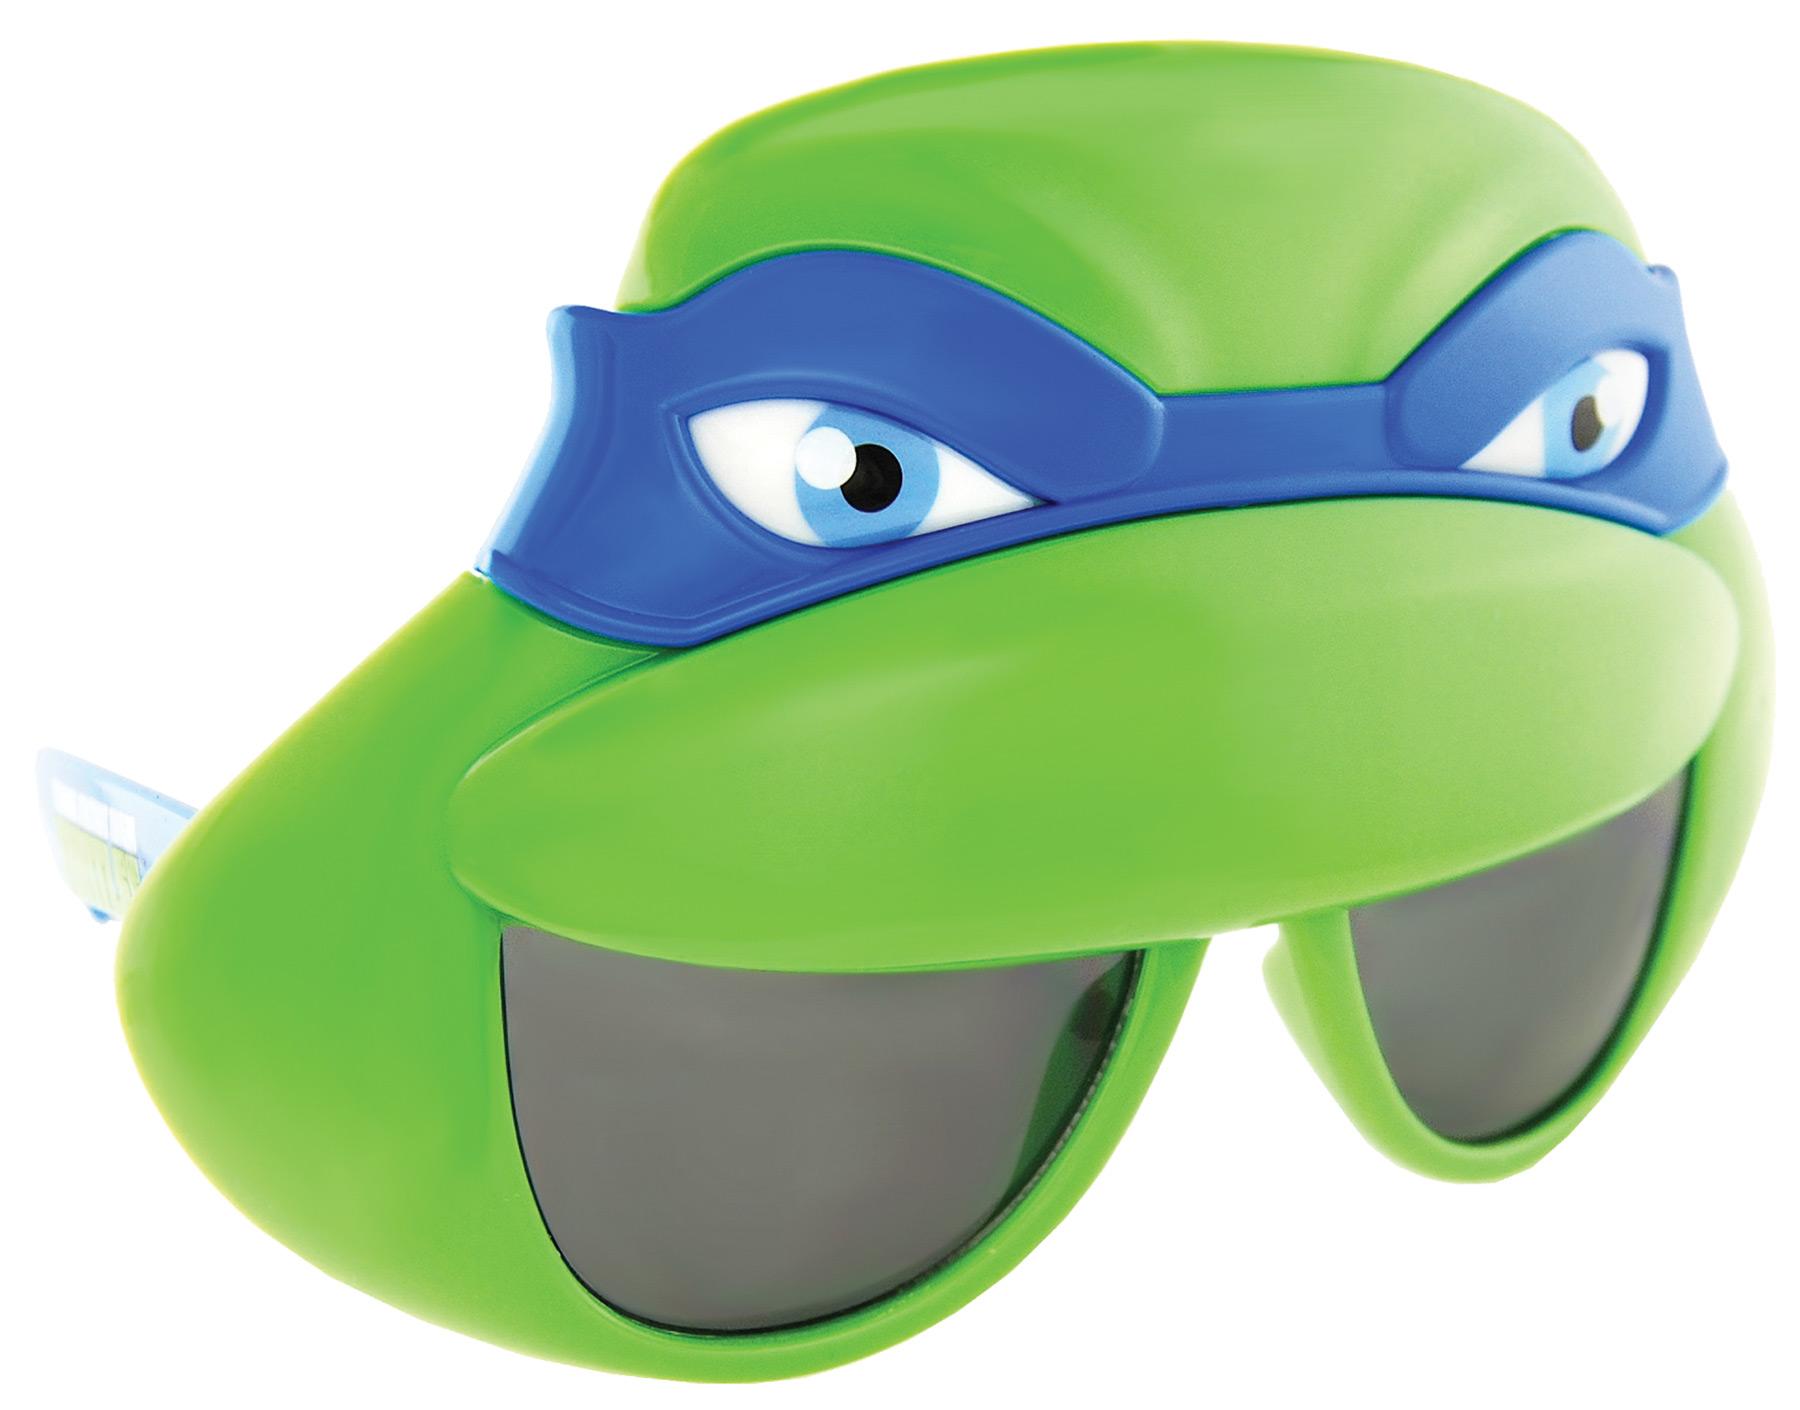 Teenage Mutant Ninja Turtles Leonardo Glasses Costumepub Com